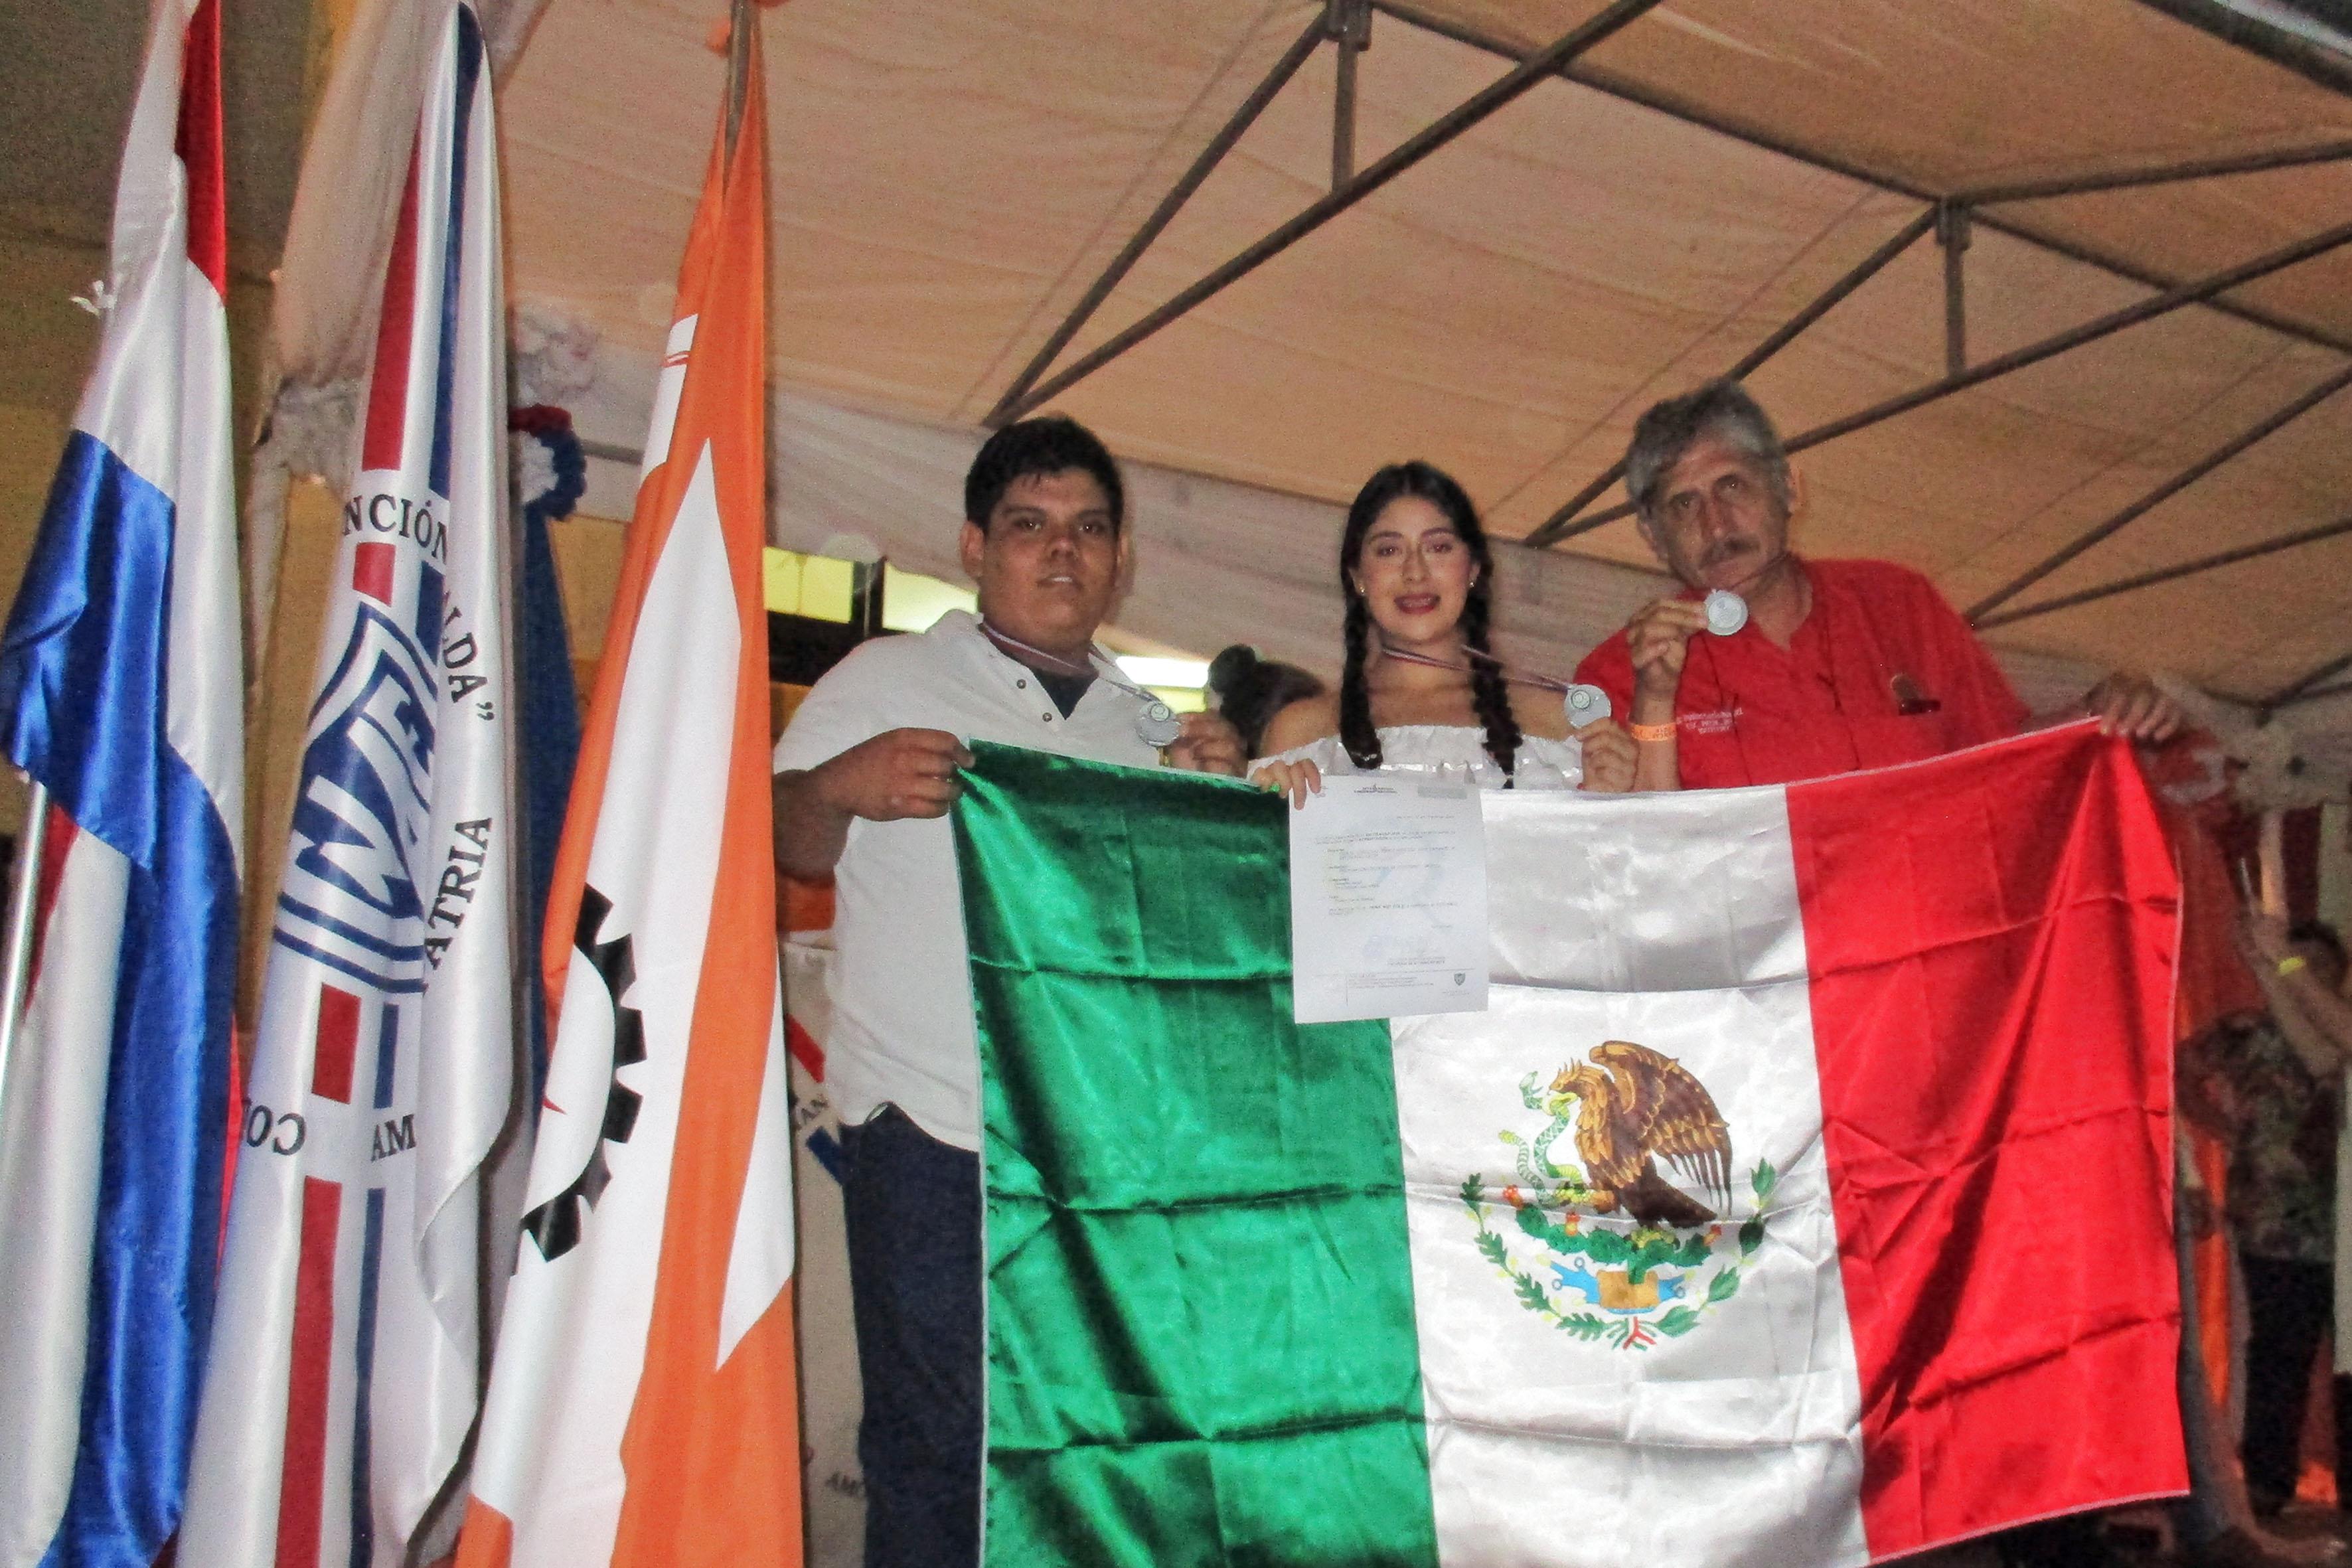 Doctor Paulino García Ramírez y estudiantes ganadores de la Preparatoria de Jocotepec de la UdeG, sosteniendo la bandera de México y mostrando sus medallas